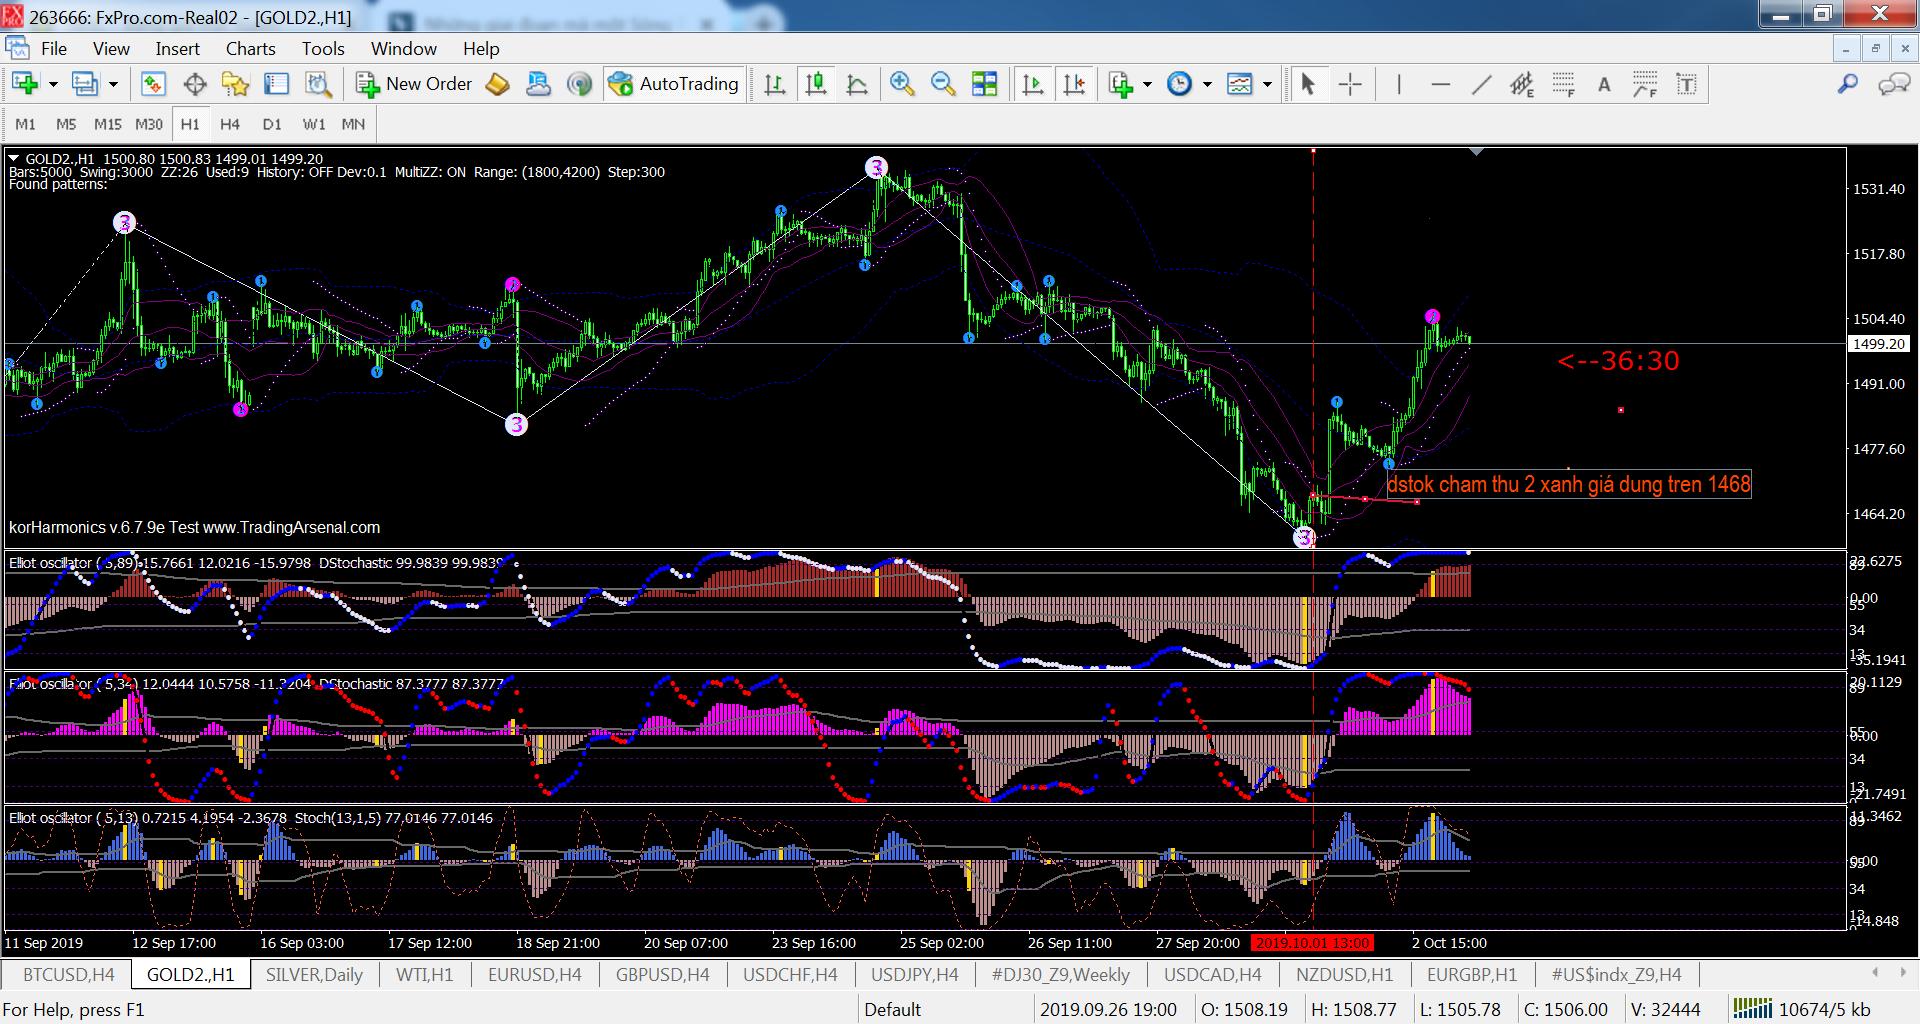 acharts.mql5.com_22_420_gold2_h1_fxpro_global_markets_4.